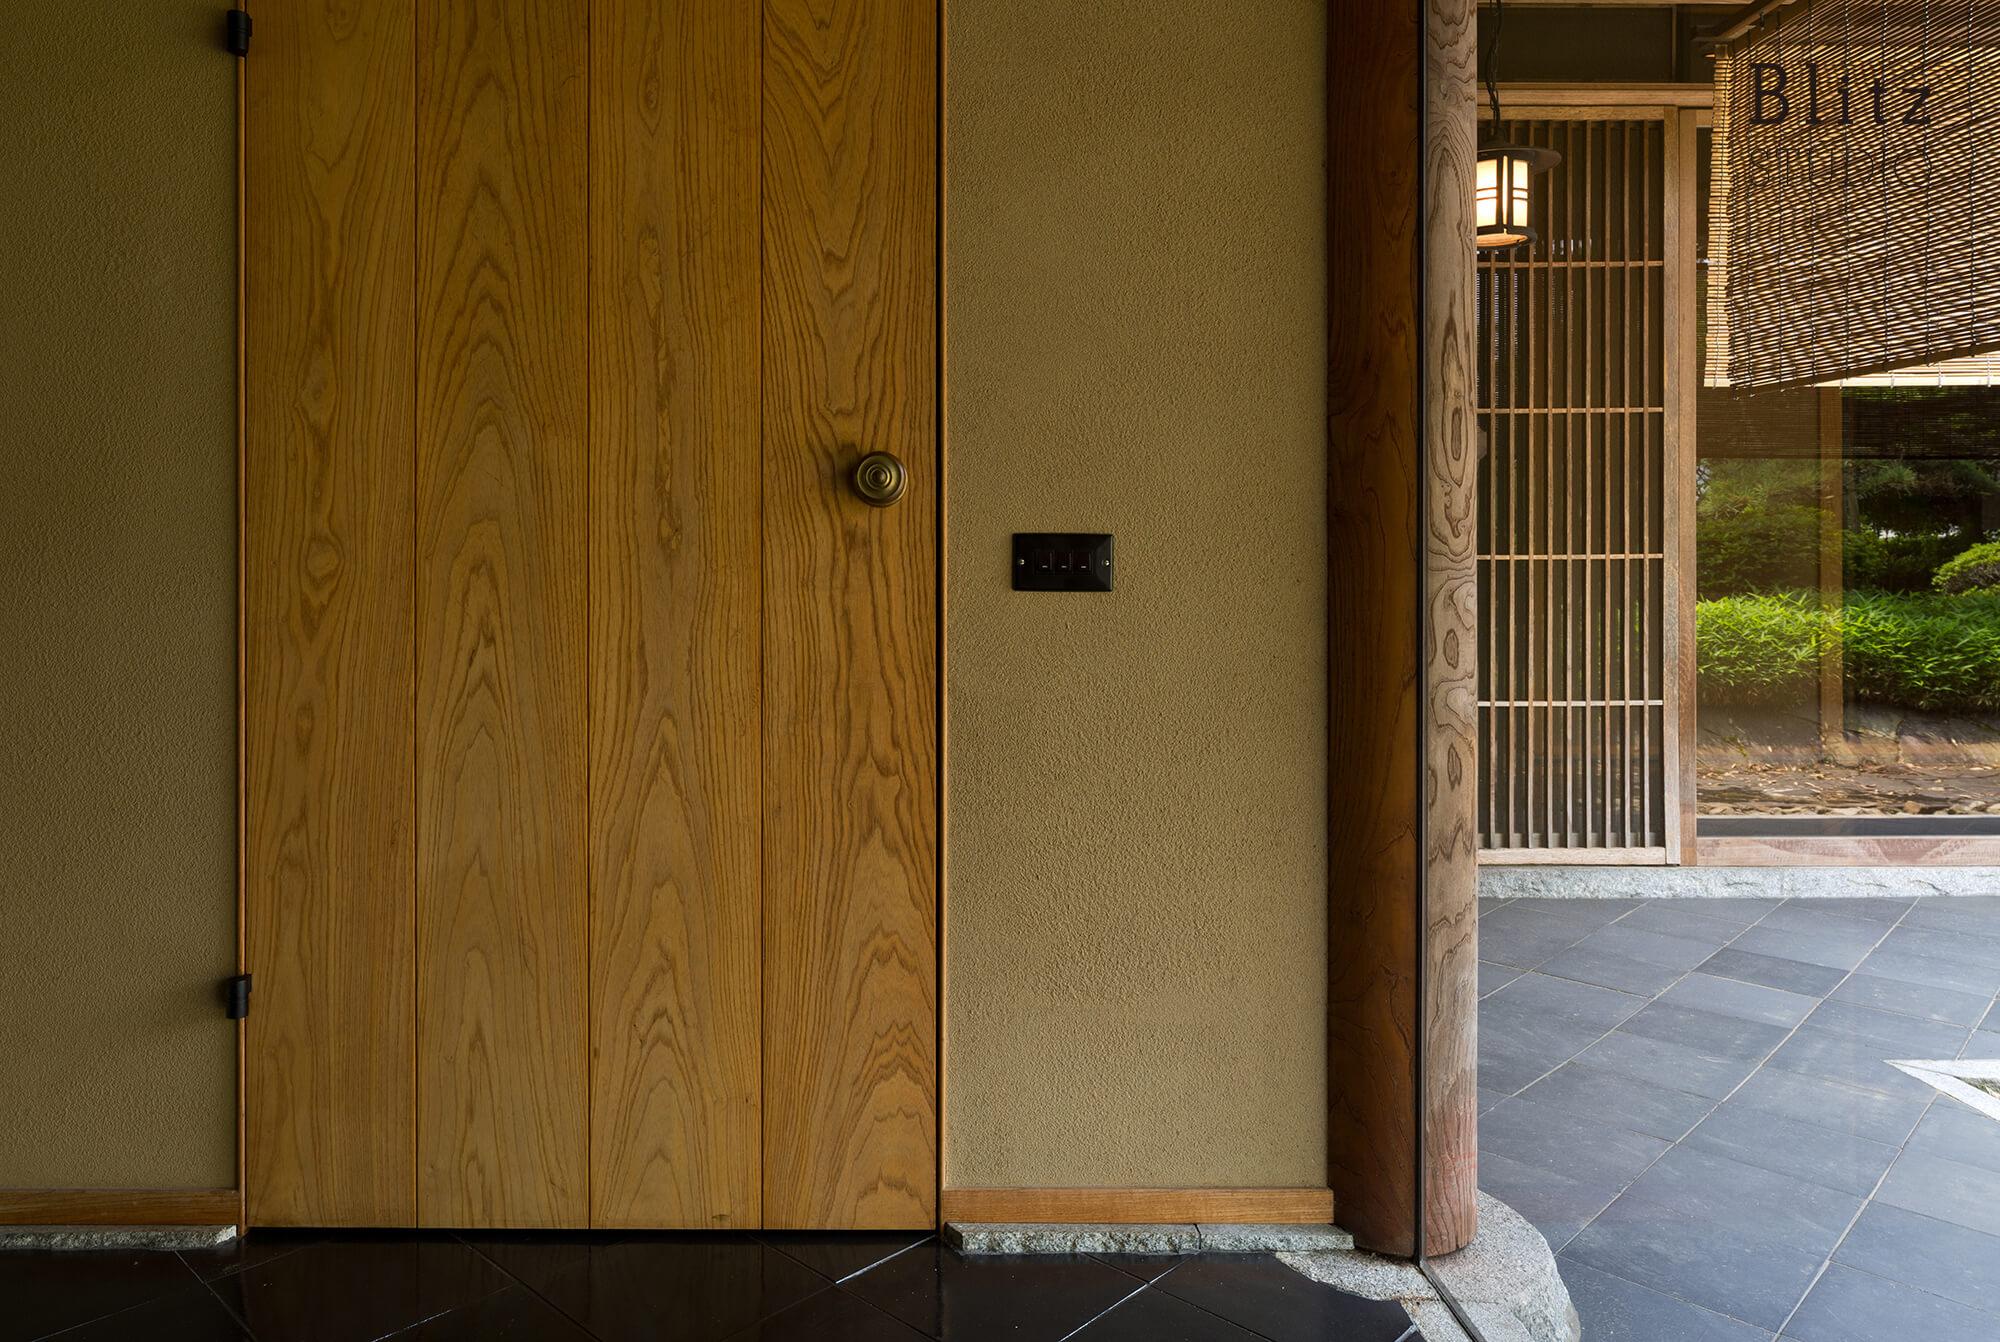 『宗像名残荘』建築写真・竣工写真・インテリア写真41